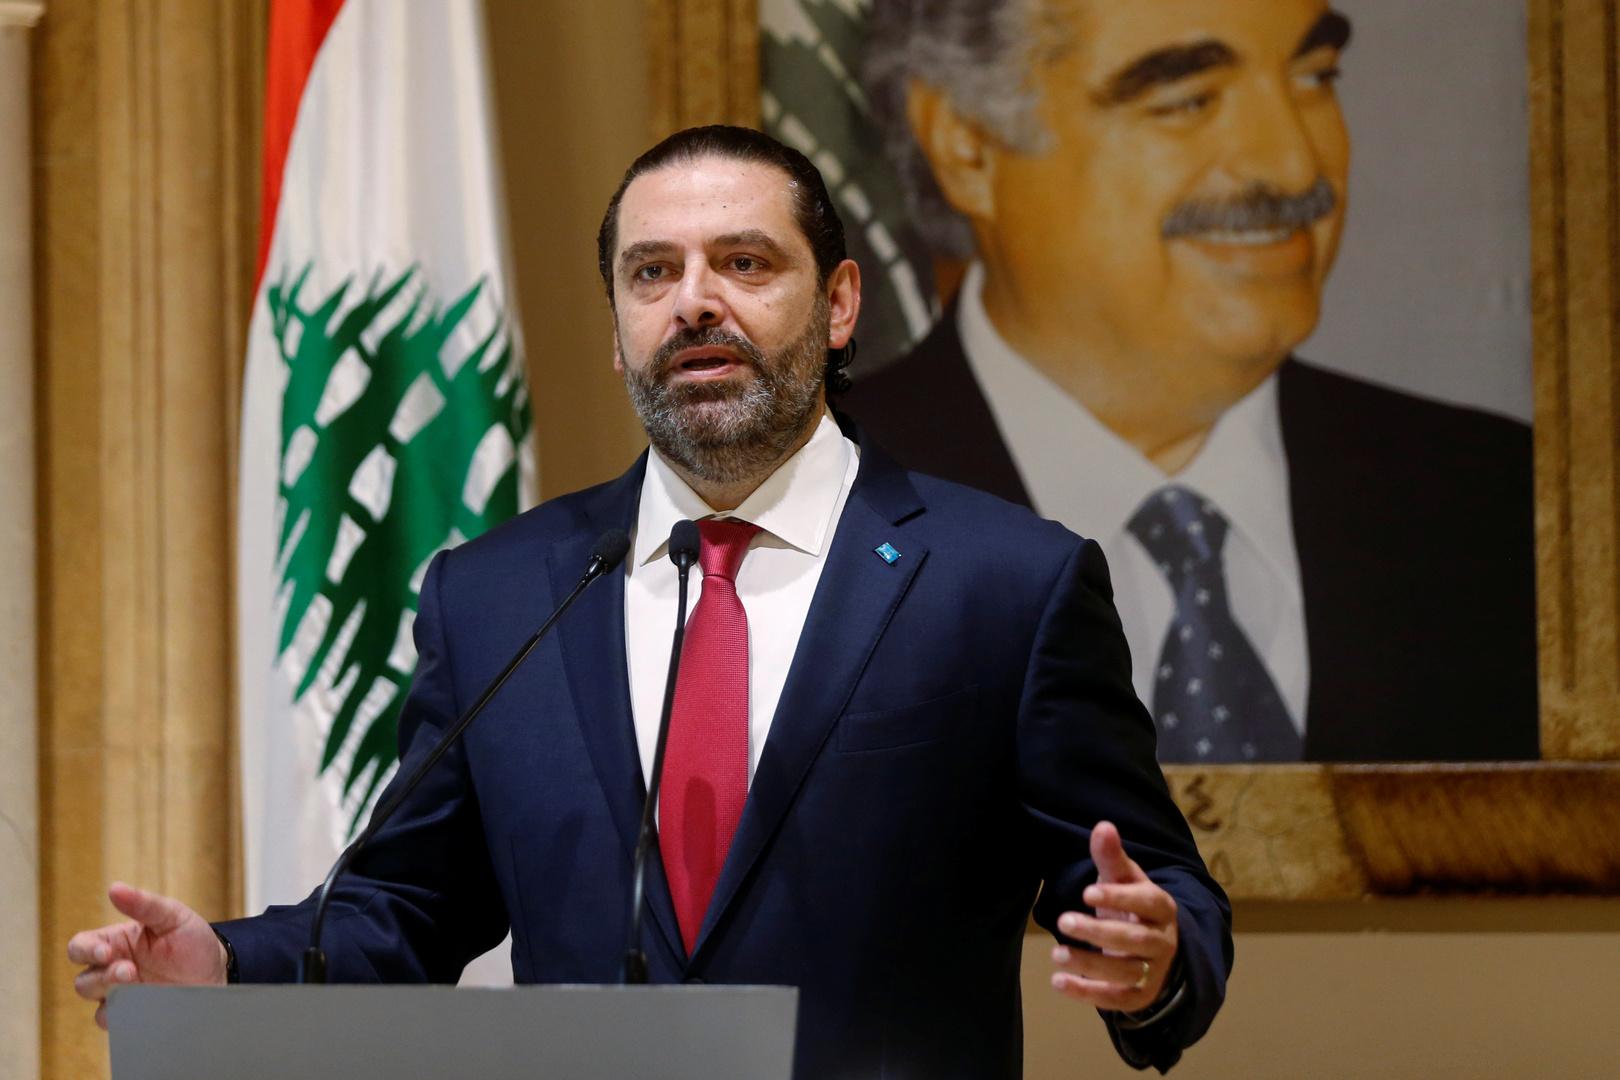 الحريري يناشد اللبنانيين الامتناع عن الاختلاط مع اقتراب ذكرى اغتيال والده